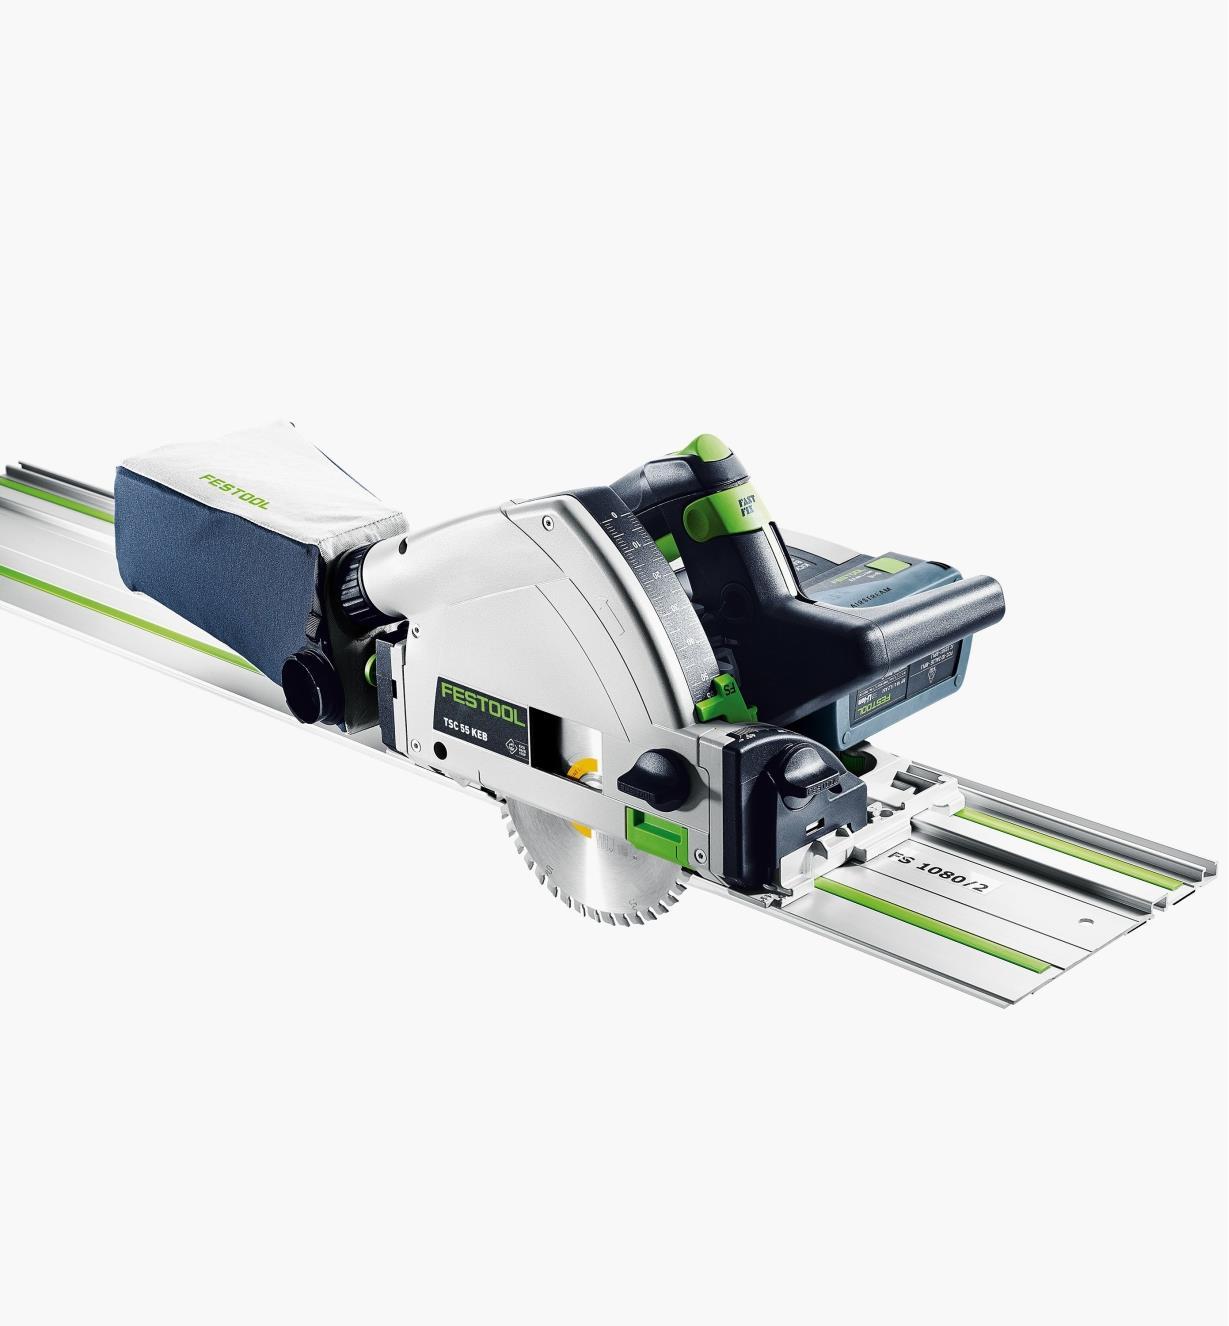 Scie sur rail sans fil TSC 55 KEBI-F-Set-FS